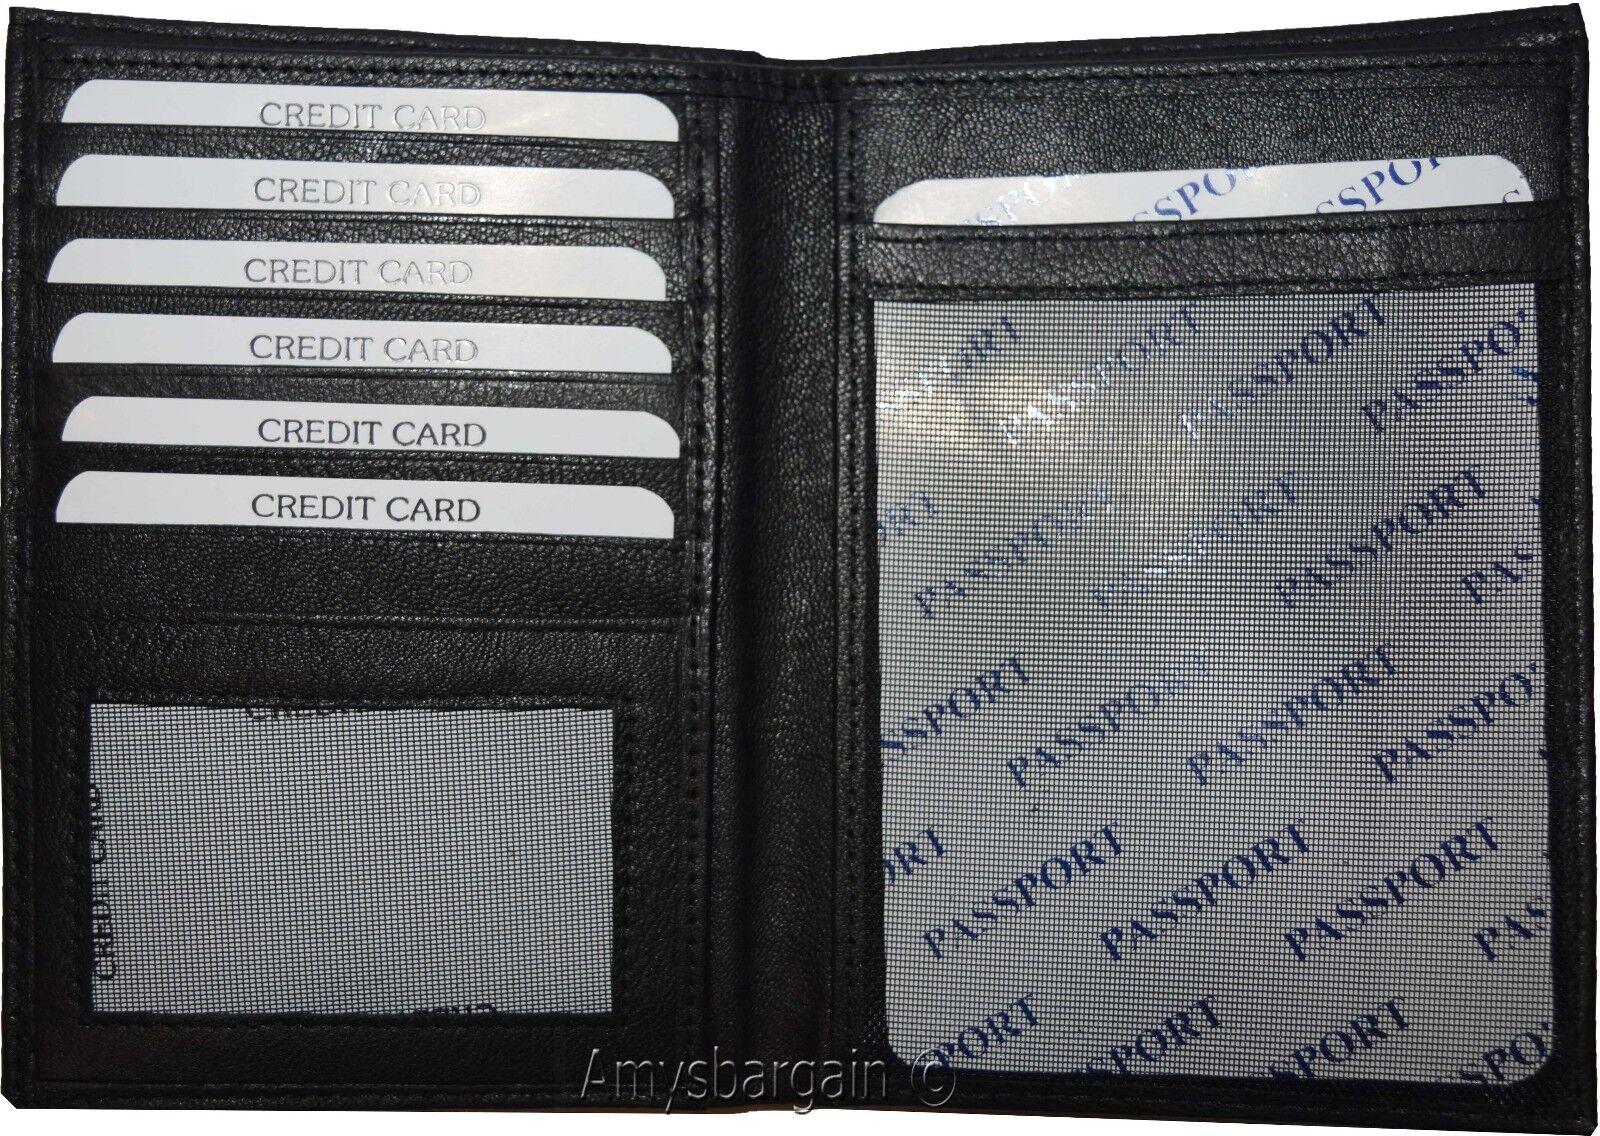 Nouveauté Agneau Peau Canadien Cuir Passport Passport Passport Portefeuille Etui Carte de Crédit 155811